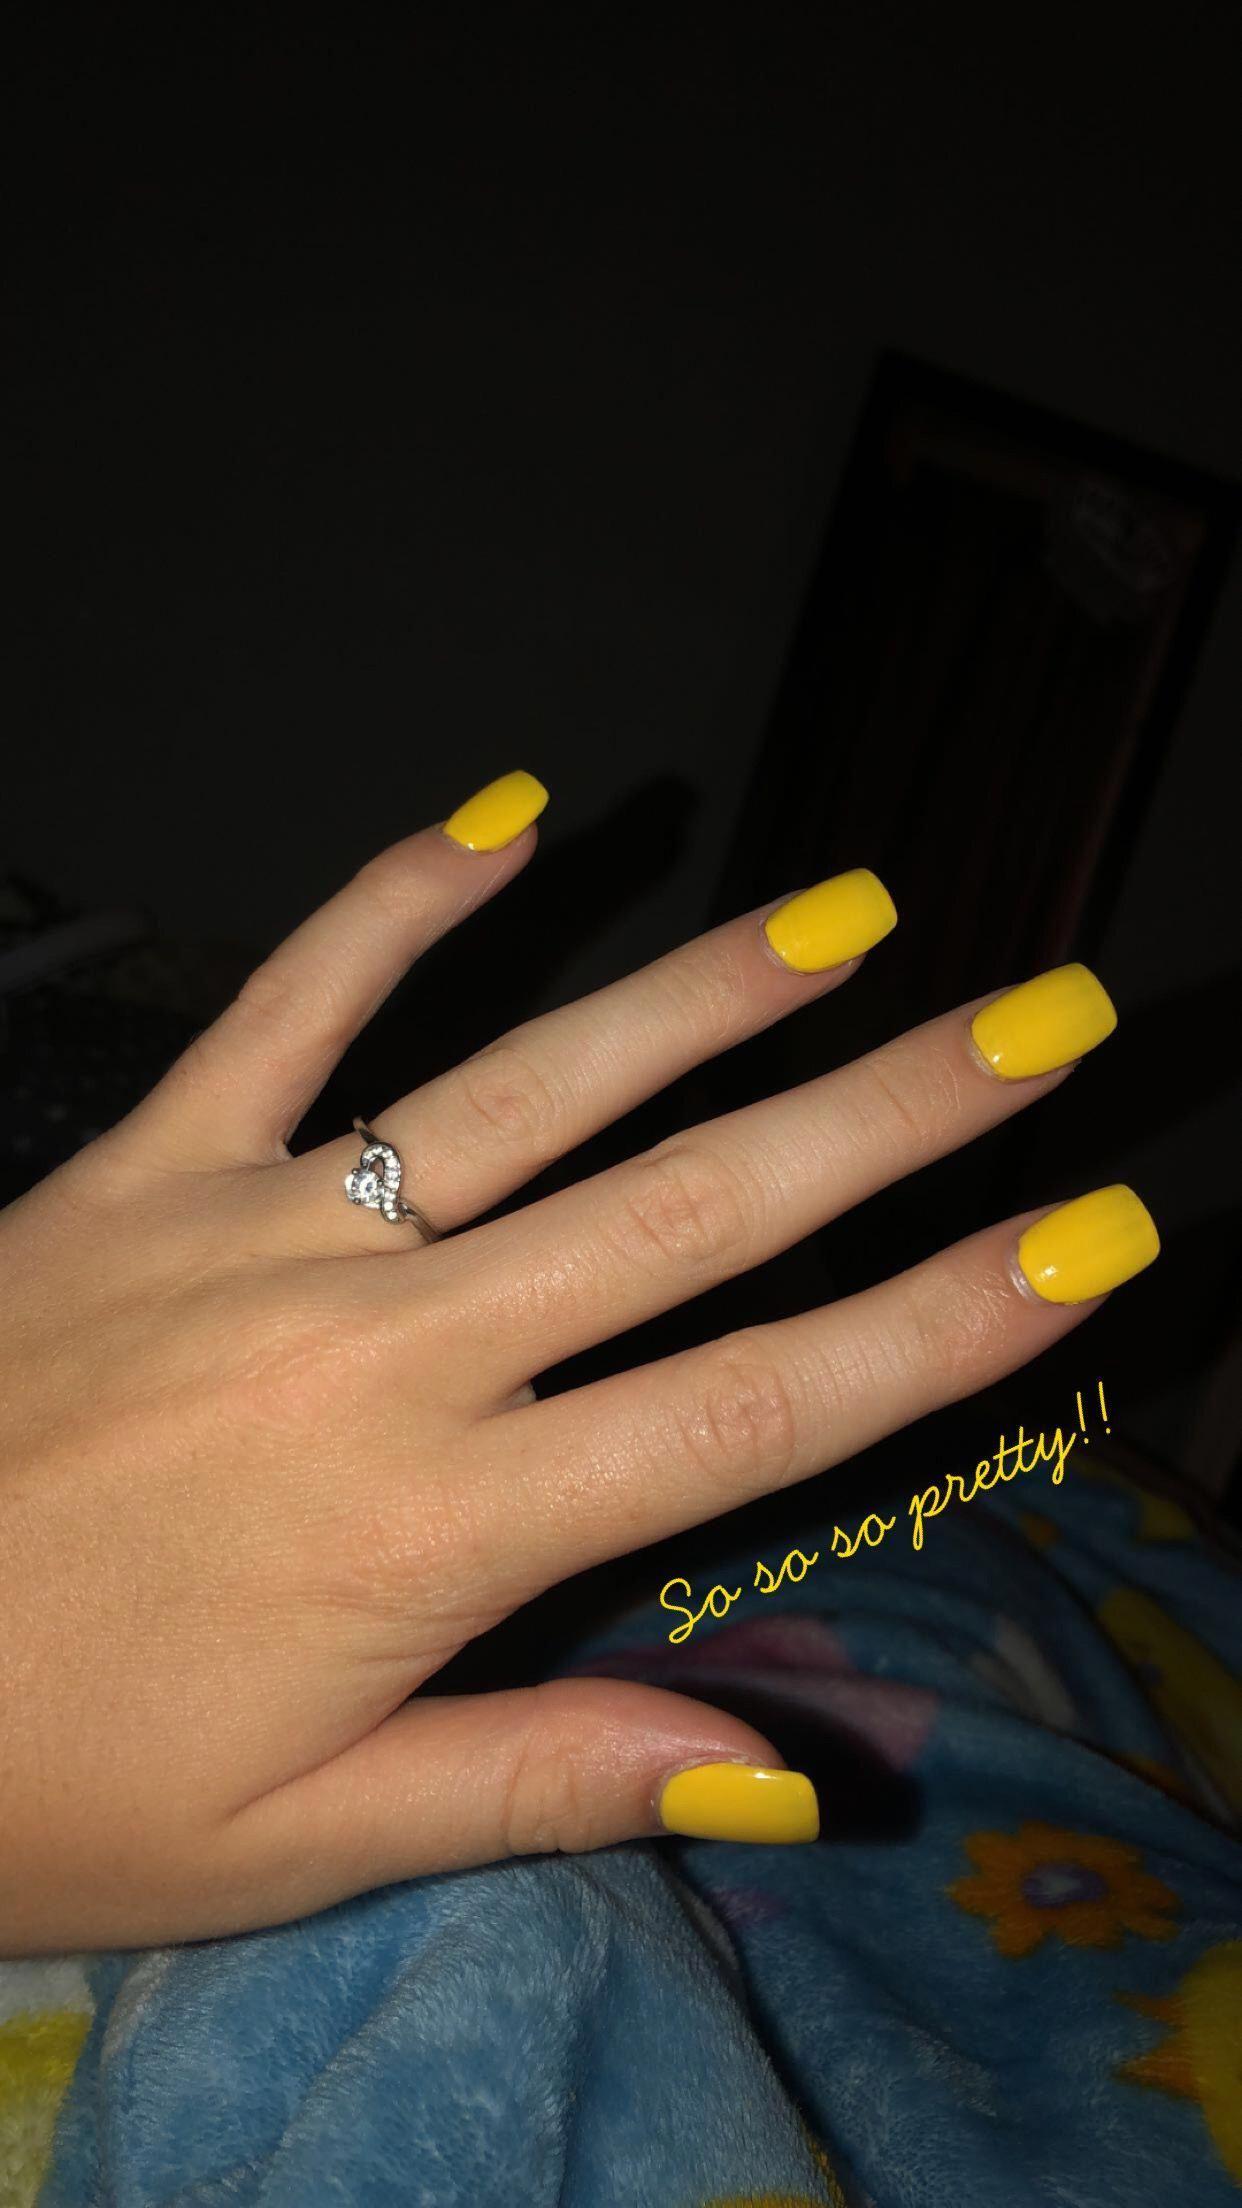 Valentines Day Diy Cute Nail Art Summernaildesigns Acrylic Nails Yellow Yellow Nails Square Acrylic Nails